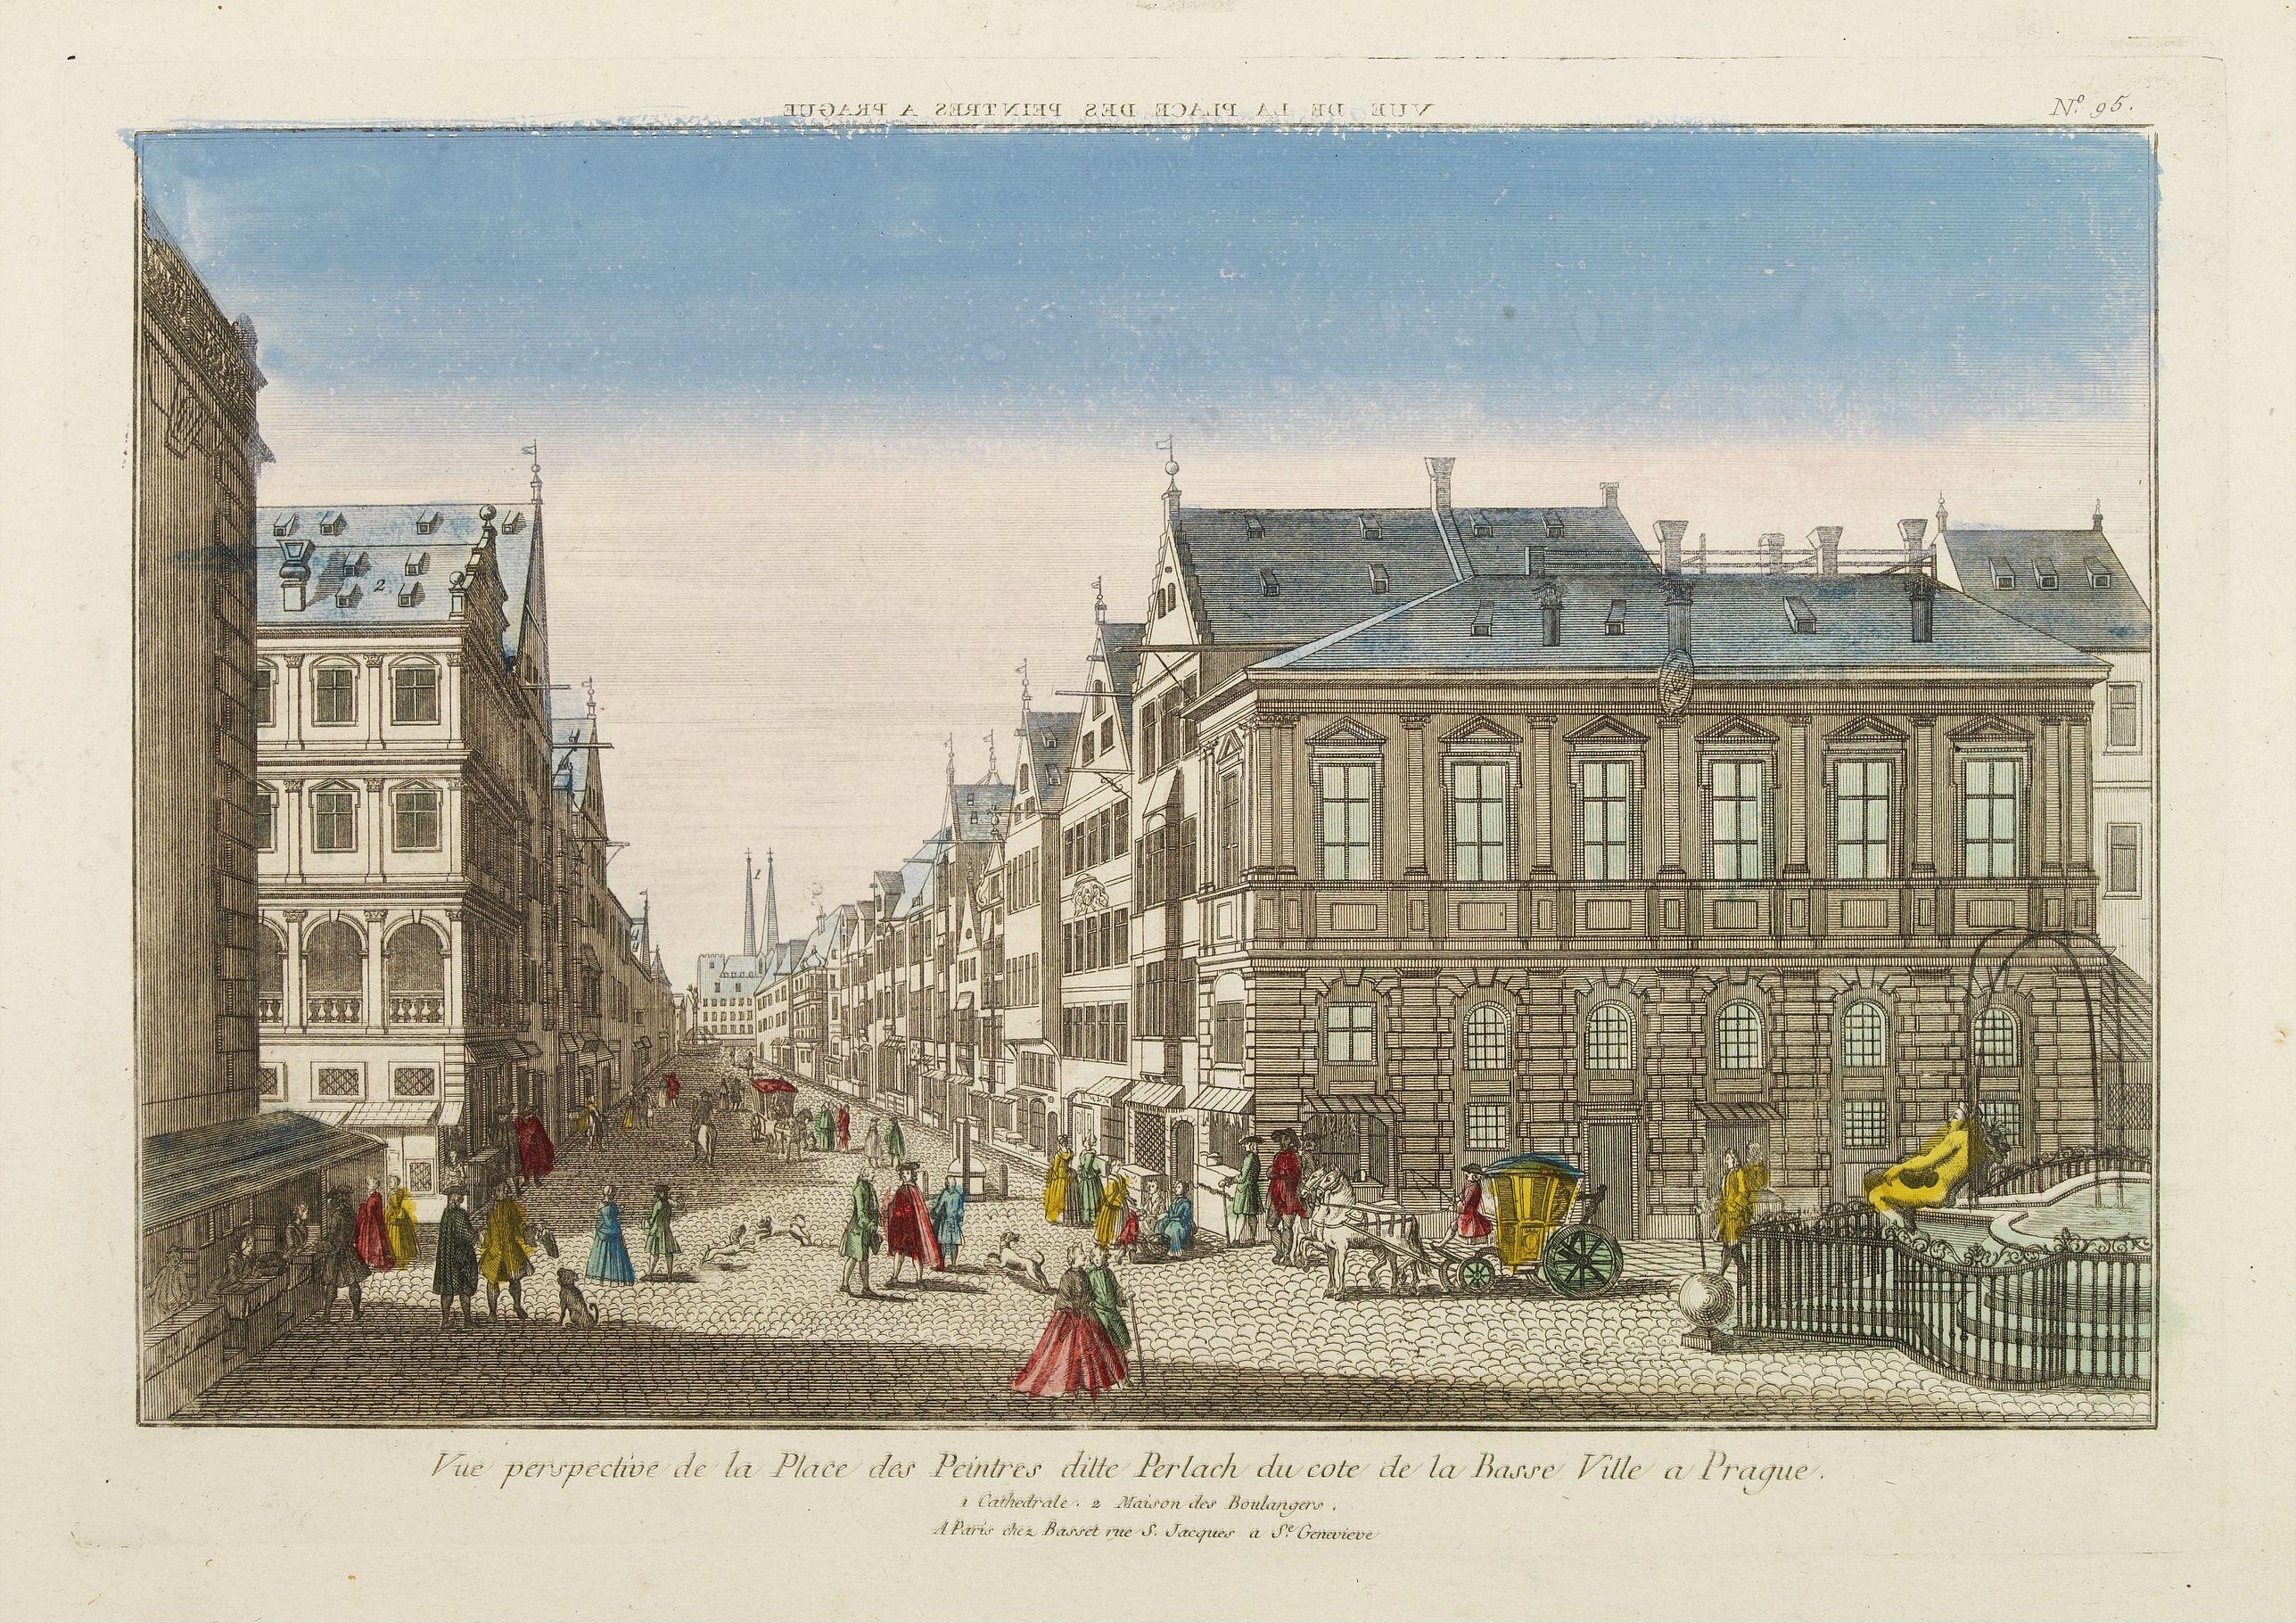 BASSET -  Vue perspective de la Place des Peintres ditte Perlach du cote de la Basse Ville a Prague.